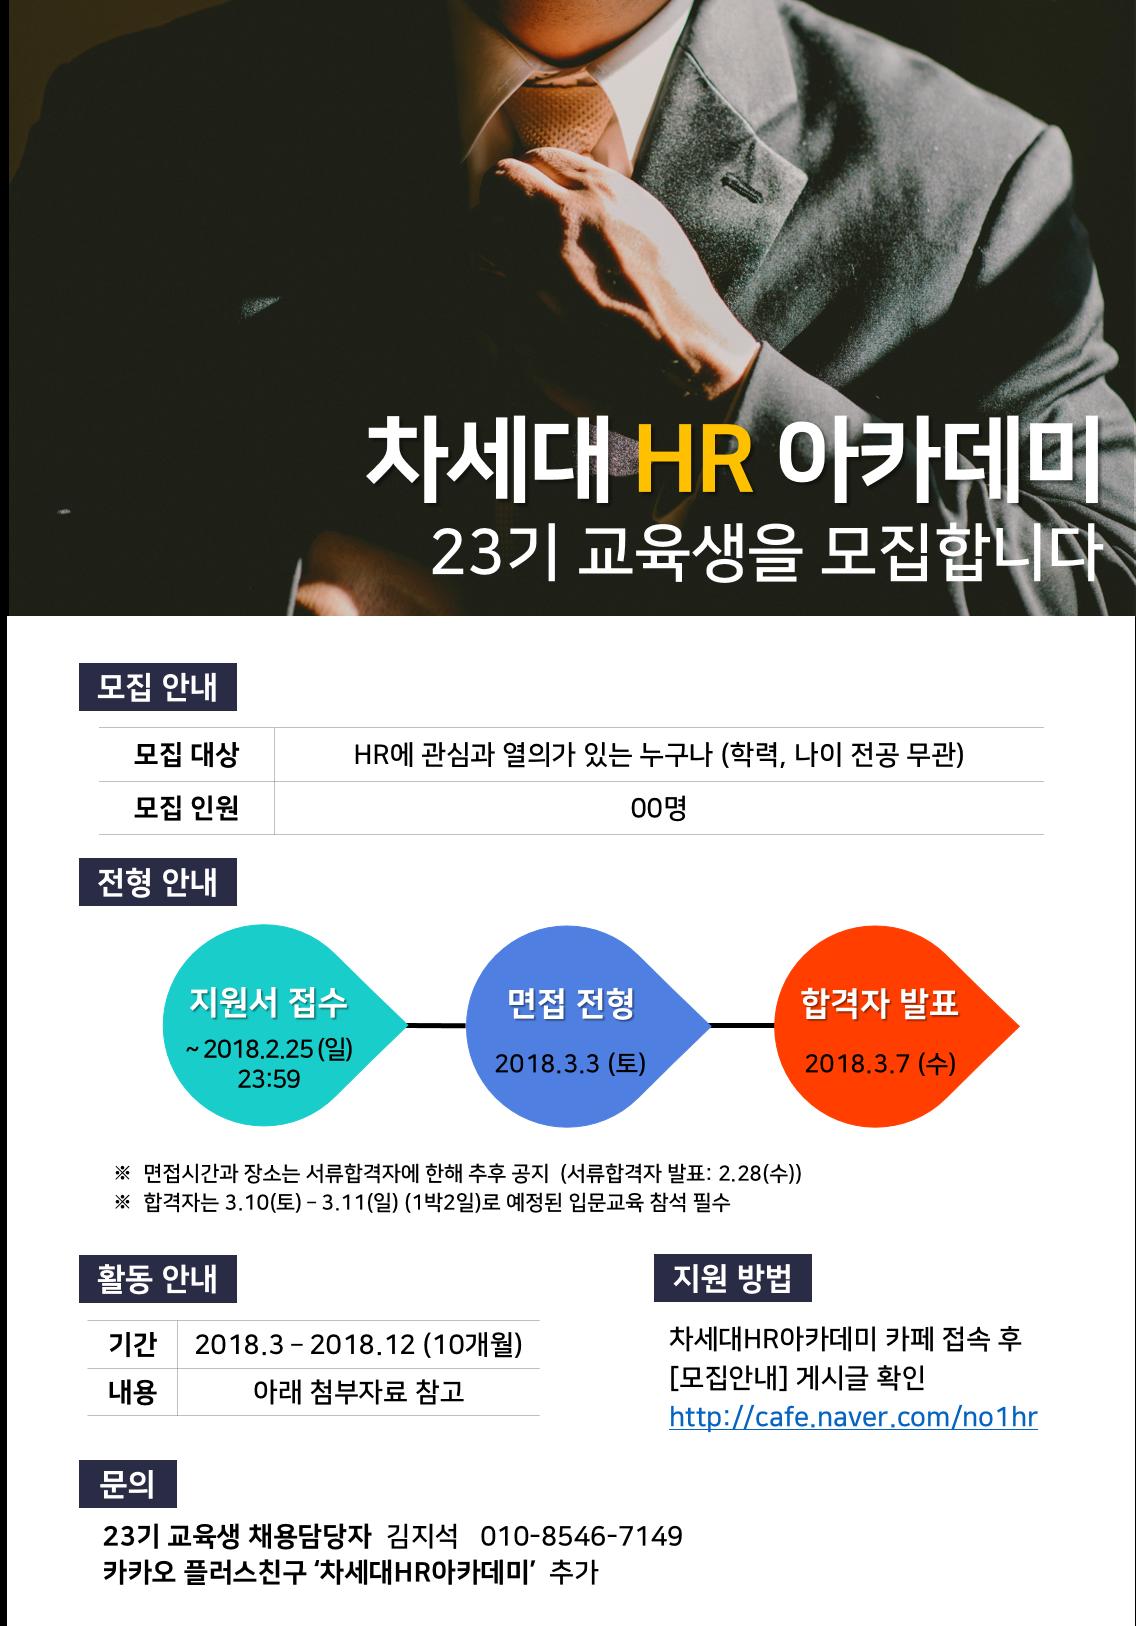 [차세대HR아카데미] HR 교육생 모집